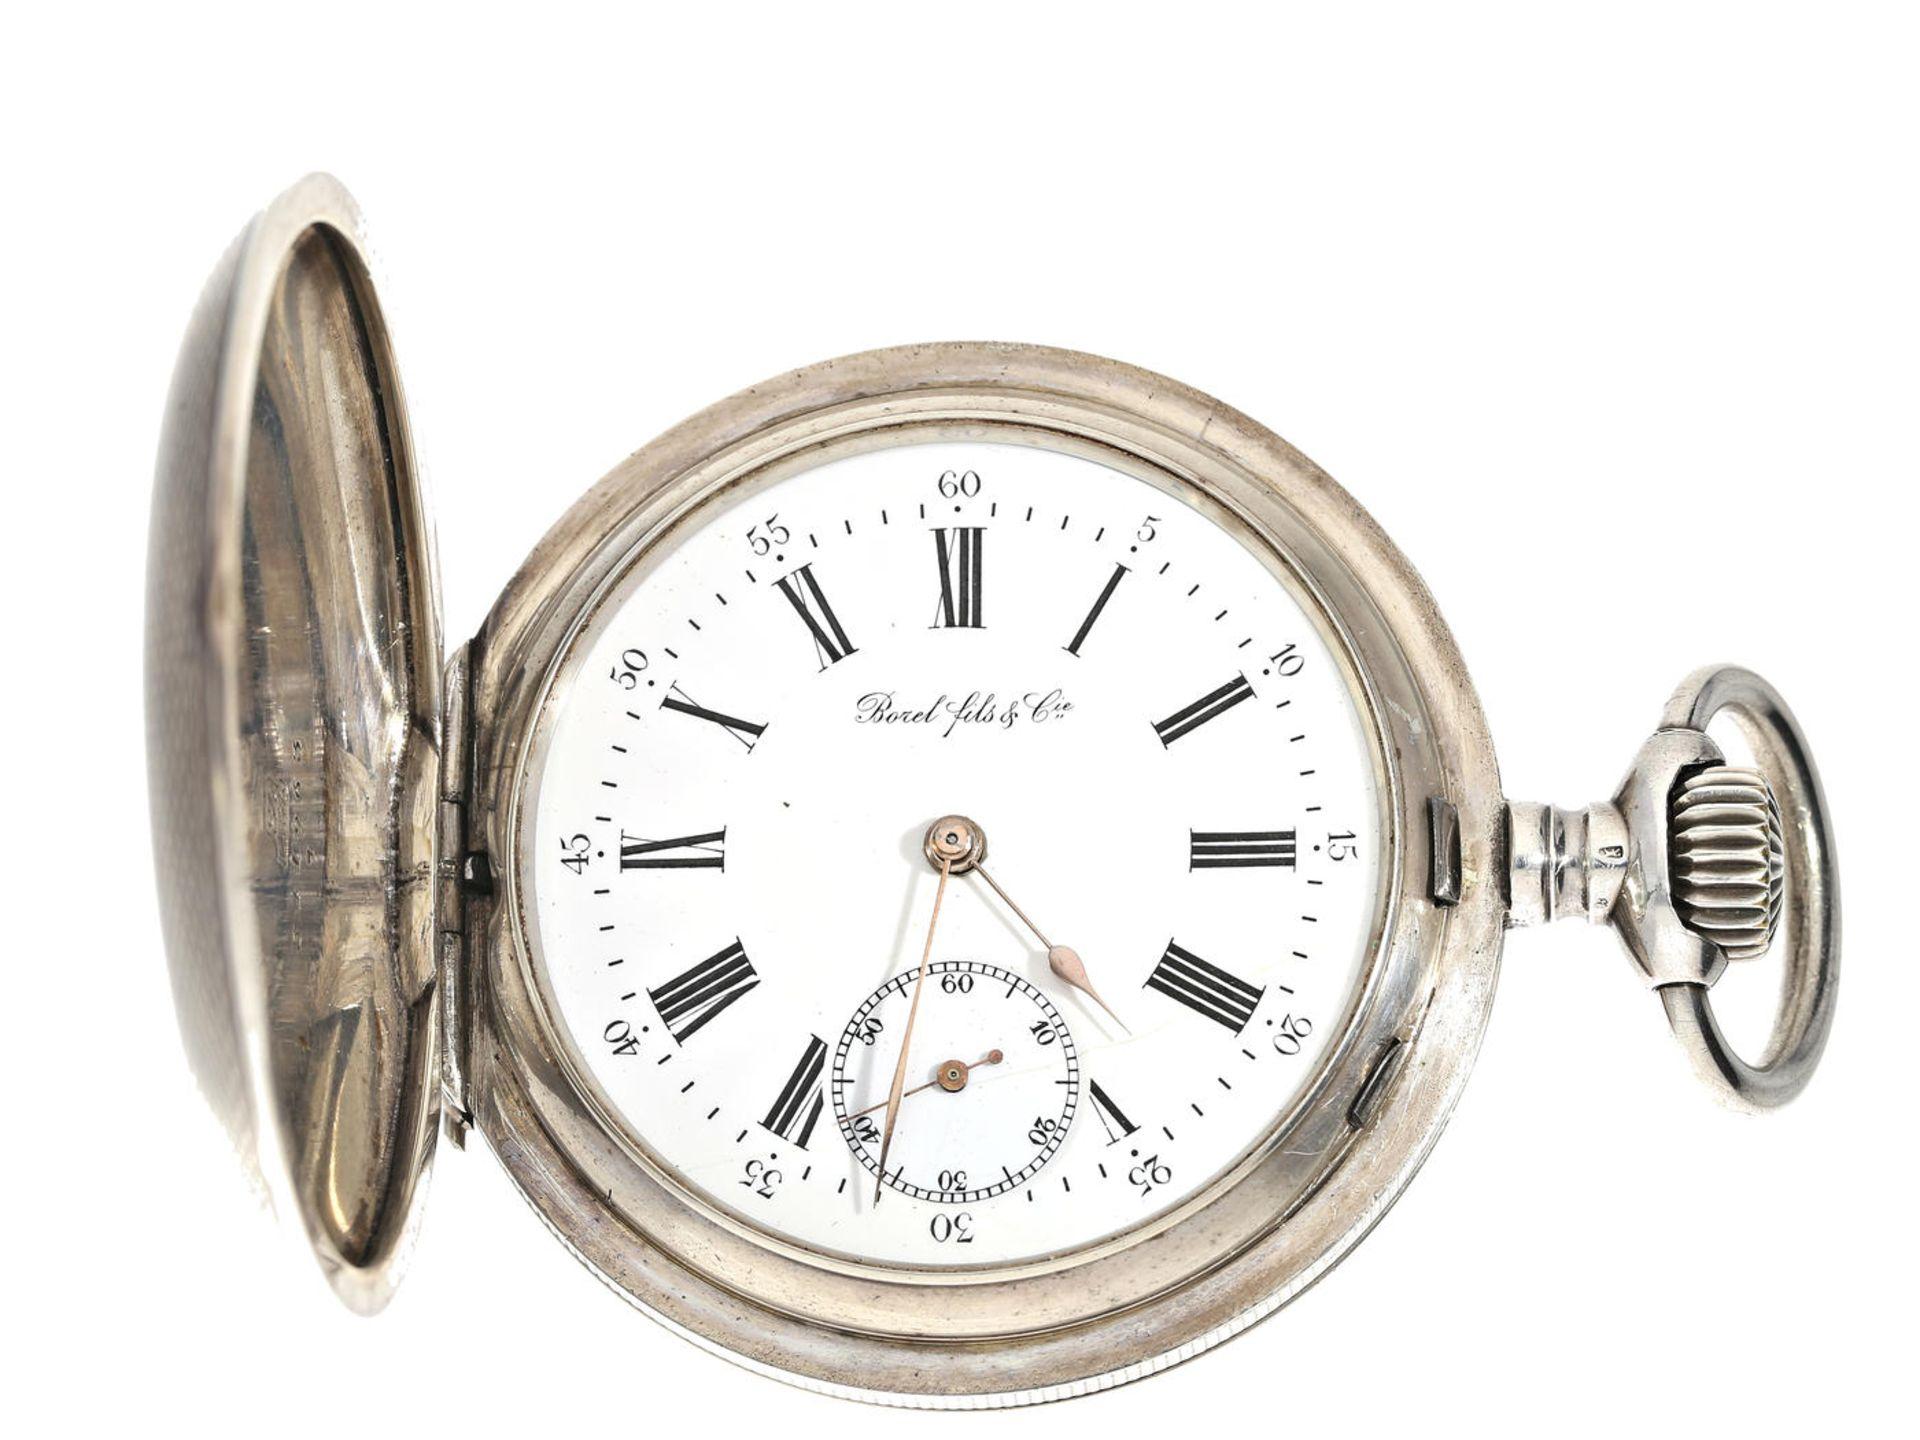 Taschenuhr: besonders große und schwere Silbersavonnette für den russischen Markt,